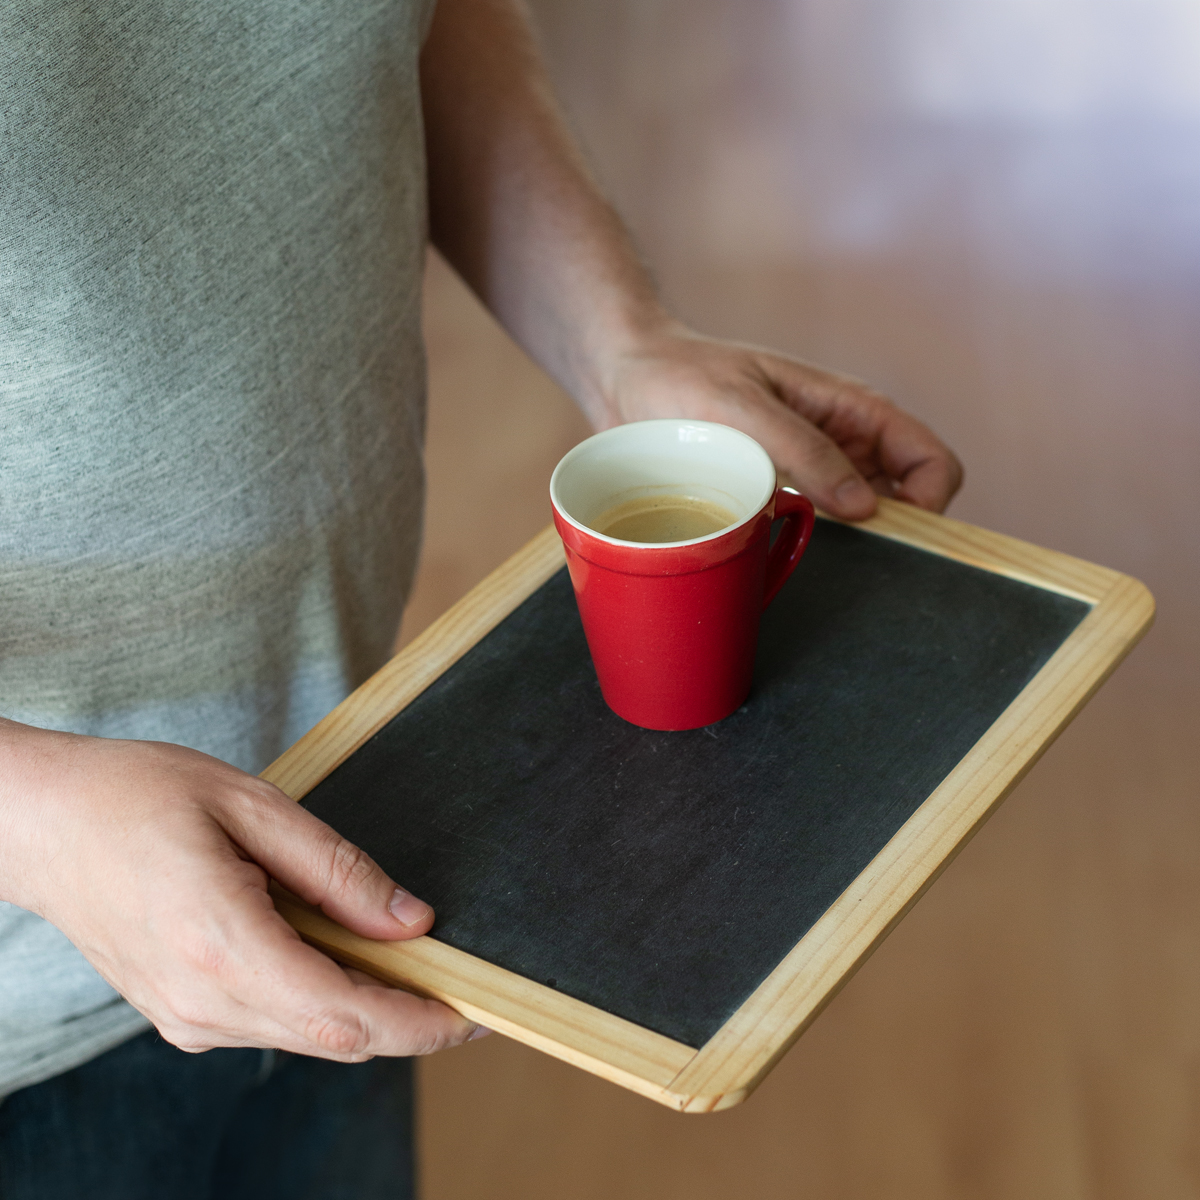 """""""Koffiedrinken 'om te kijken wat we voor elkaar kunnen betekenen'"""" - Zinvol - Nuchtere ondernemerscoaching. Geen Goeroegedoe. Foto ©Ada Luppen-Zyborowicz"""